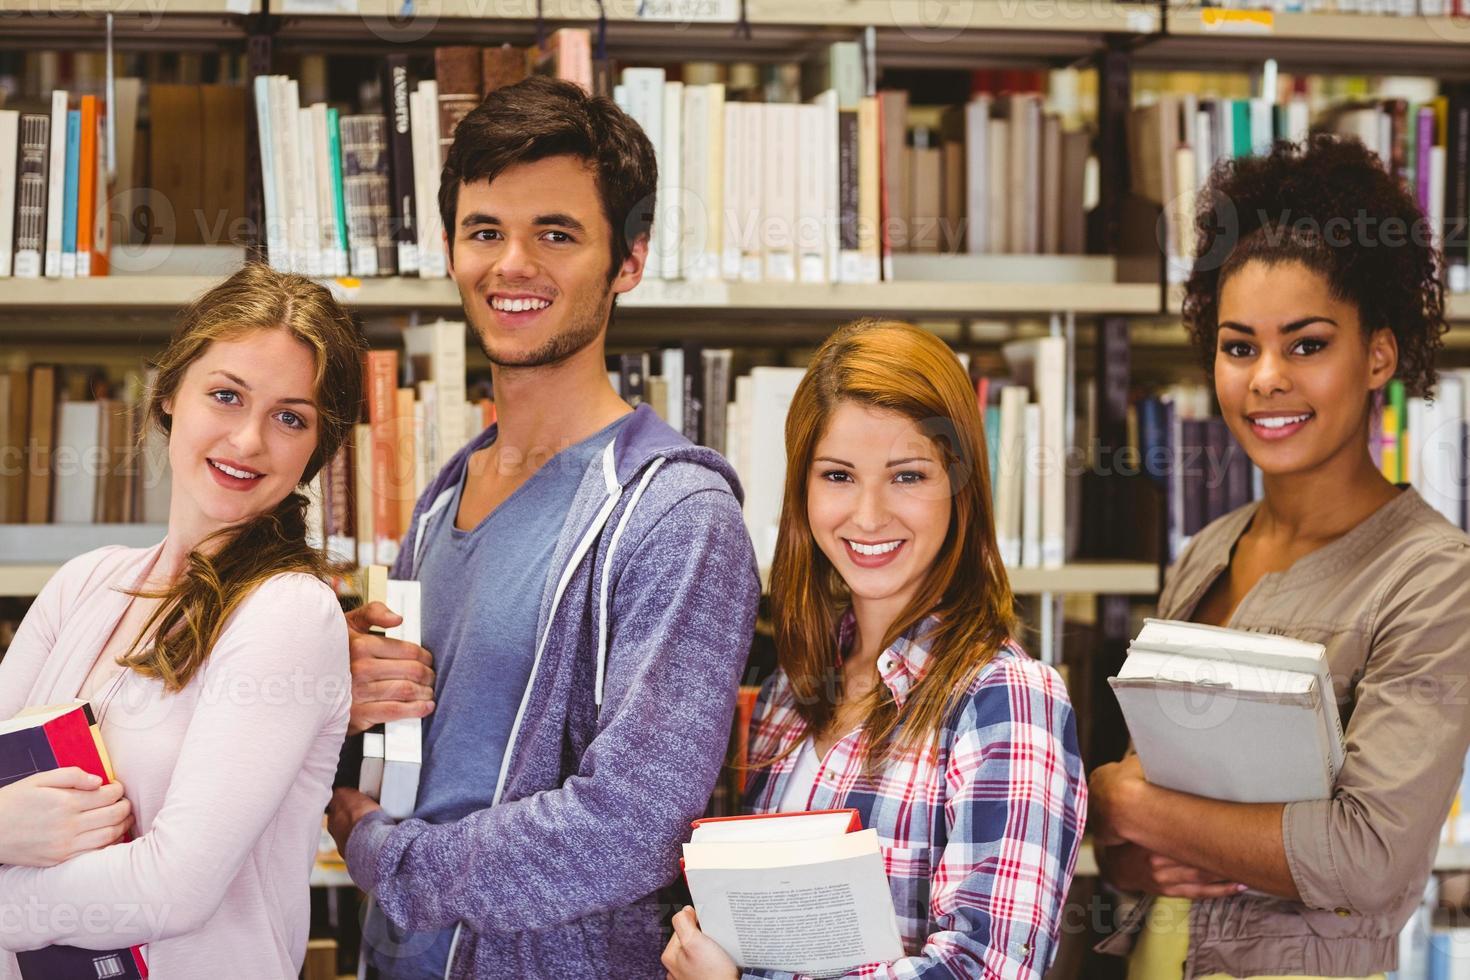 étudiants en ligne, sourire, appareil-photo, tenue, livres photo